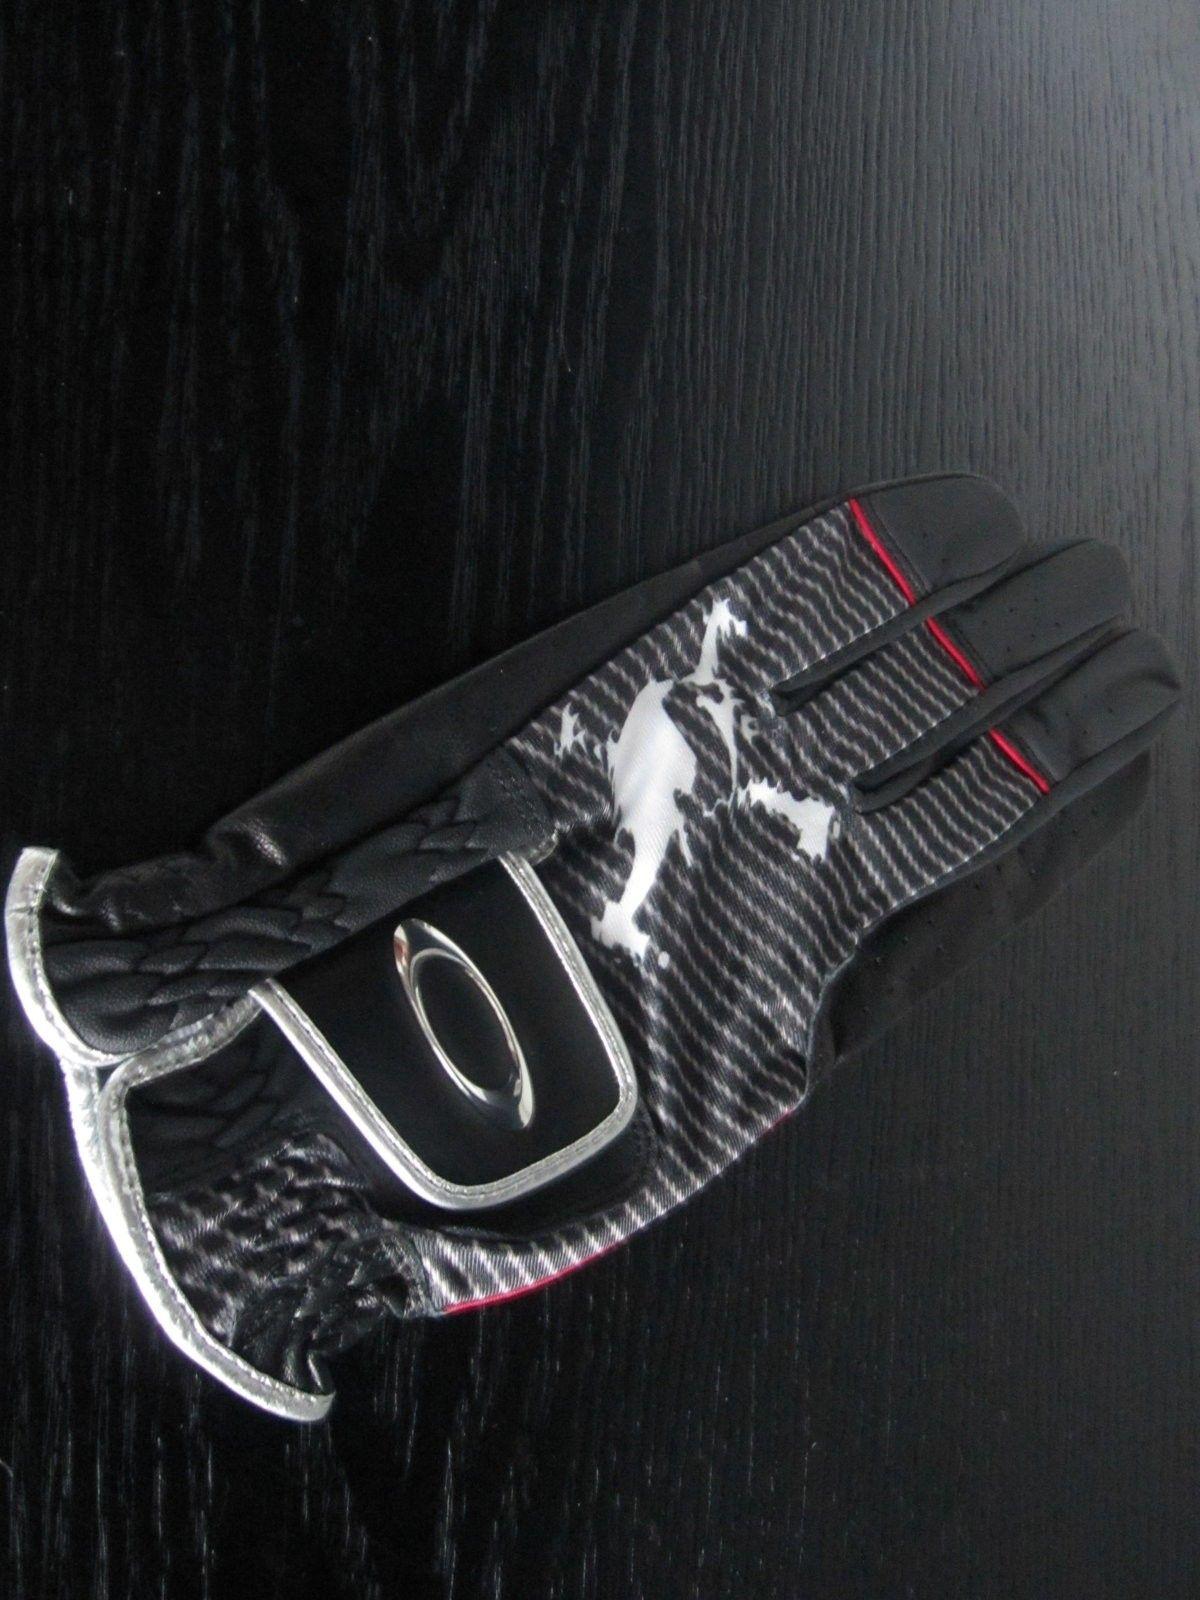 BNIB Oakley Japan Skull Golf Gloves - Various Sizes - *** LAST ONE *** - IMG_4574.JPG